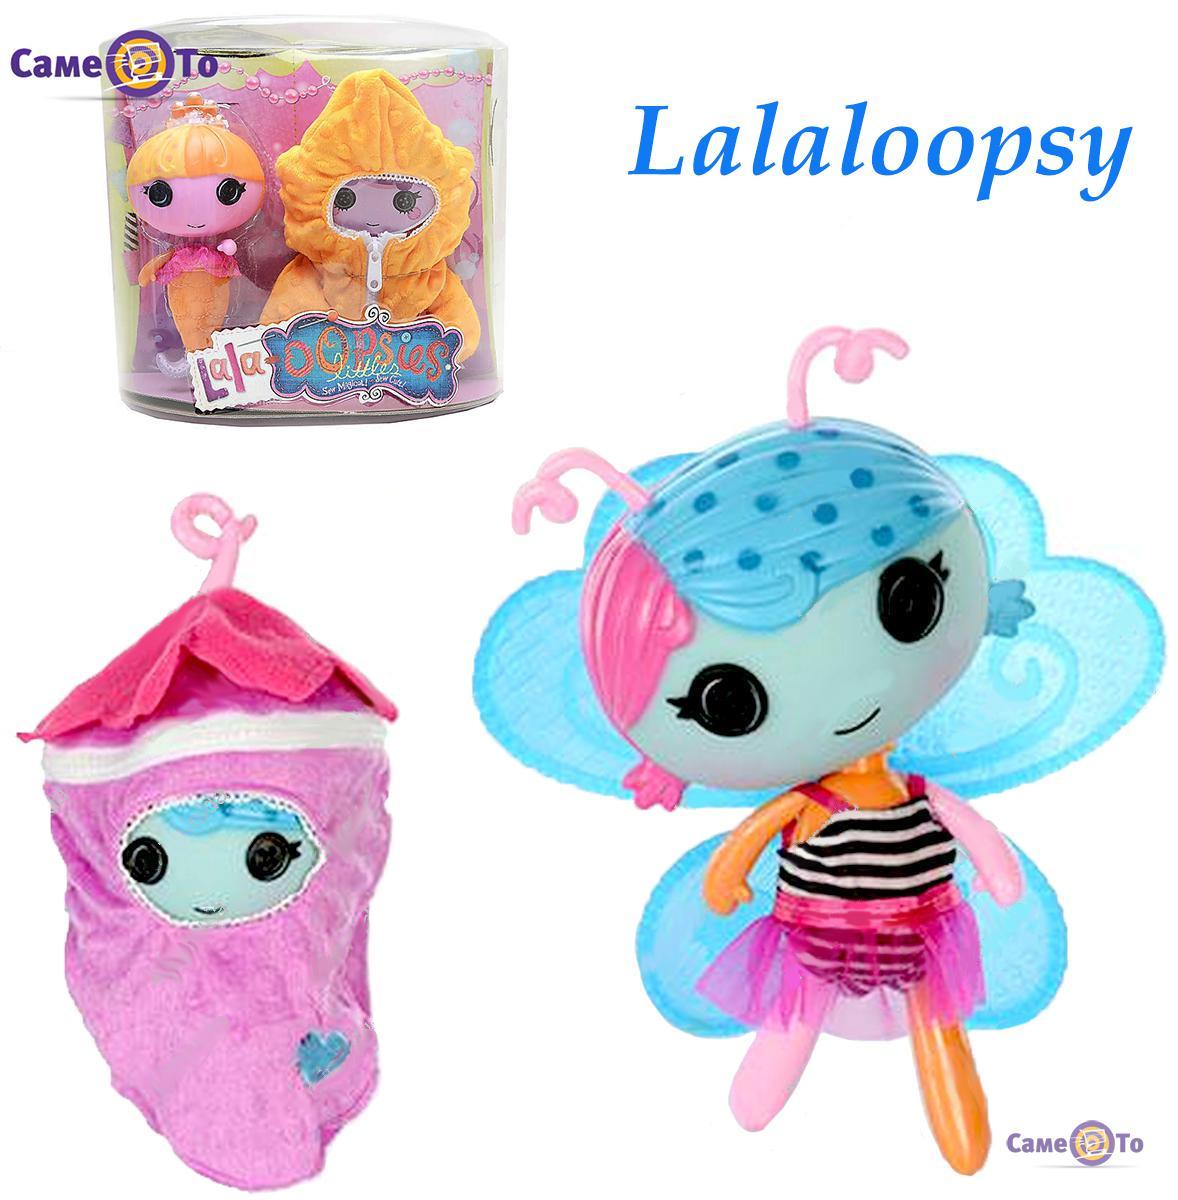 Кукла Лалалупси Lalaloopsy для девочек с чехлом в комплекте